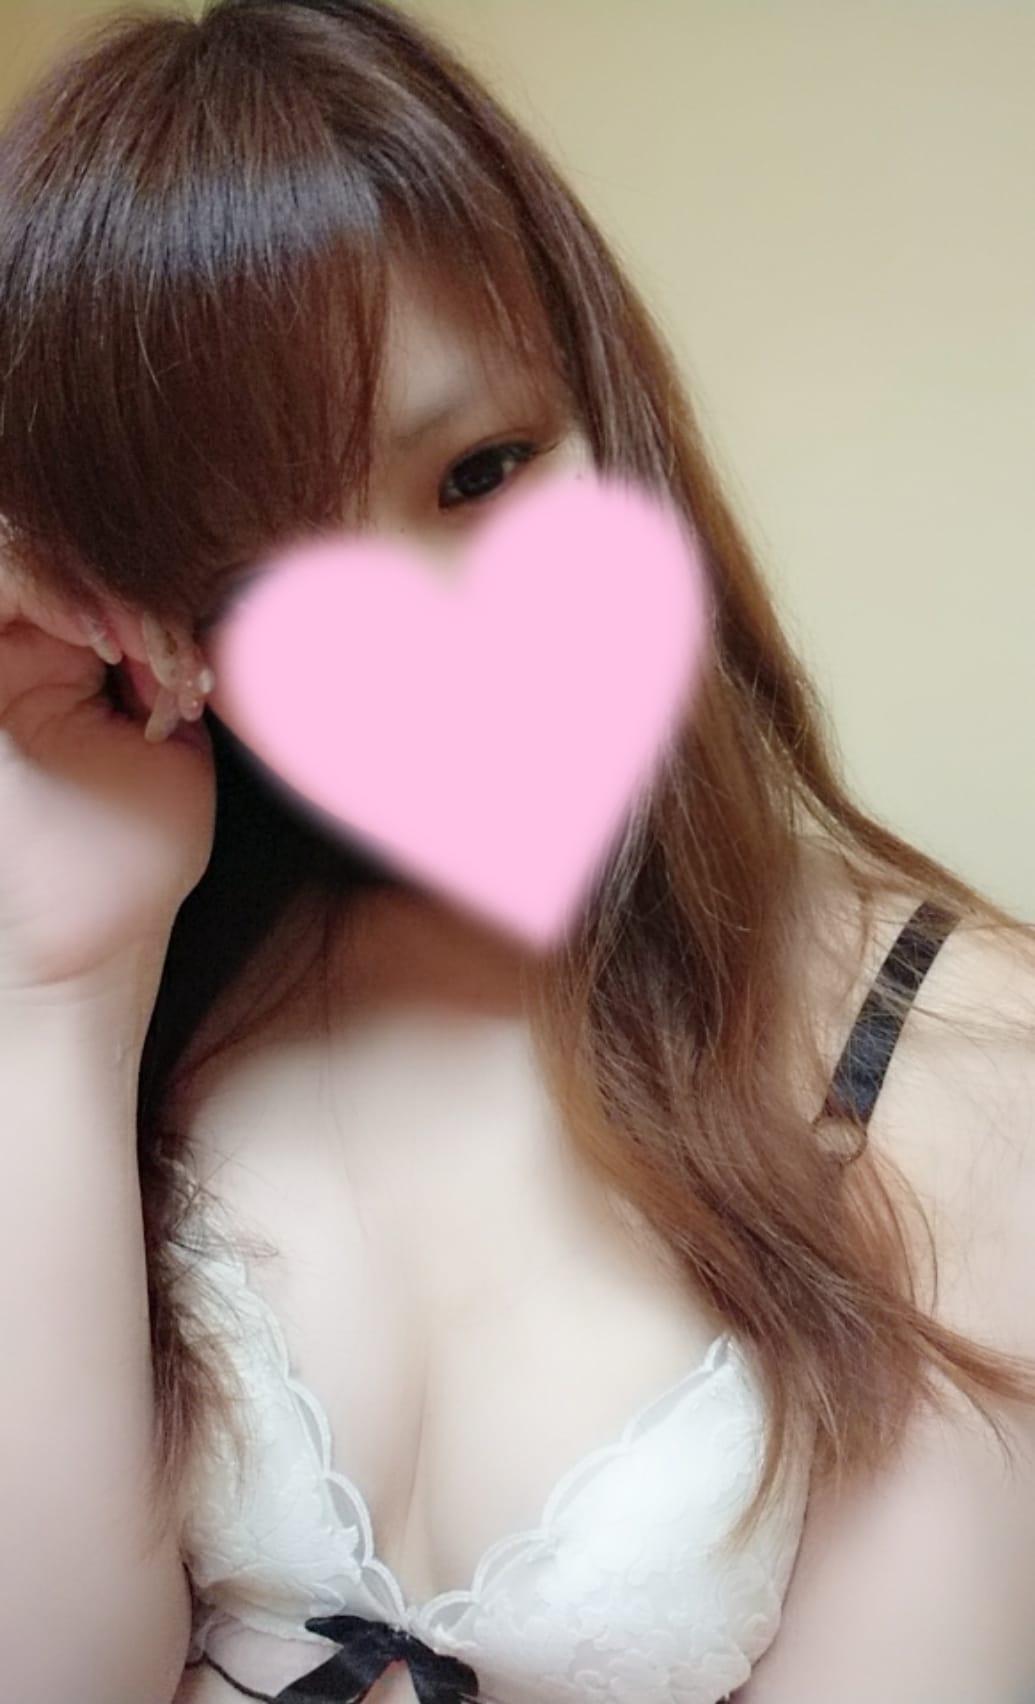 「念願の!」05/04(金) 13:50 | コハルの写メ・風俗動画